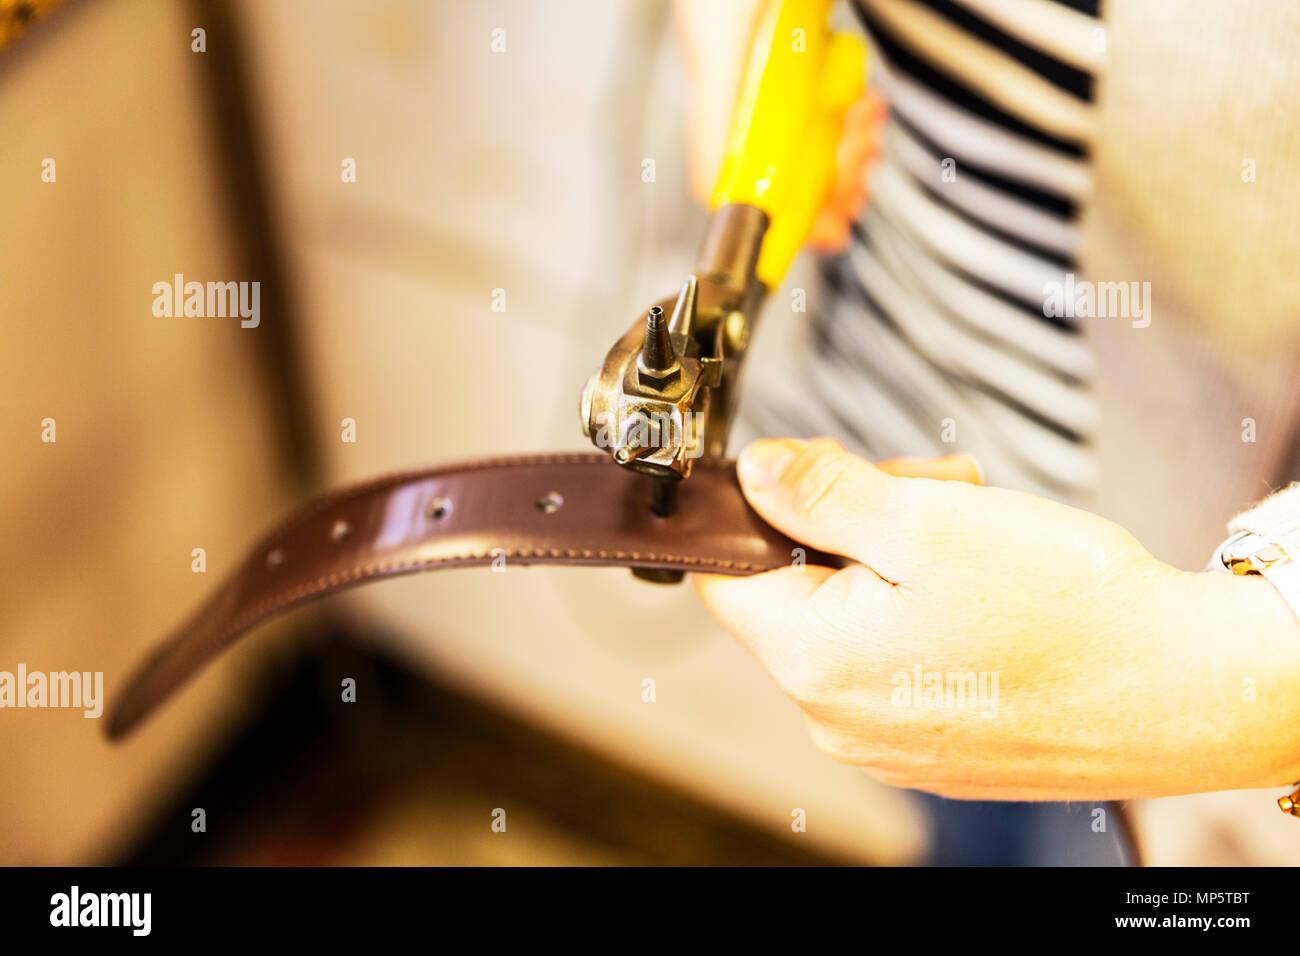 Perforatrice, perçant des trous dans la ceinture, l'utilisation de l'outil de perforation, perforation, poinçonnage trou de perforeuse de cuir, coupe, trou dans le cuir, Photo Stock